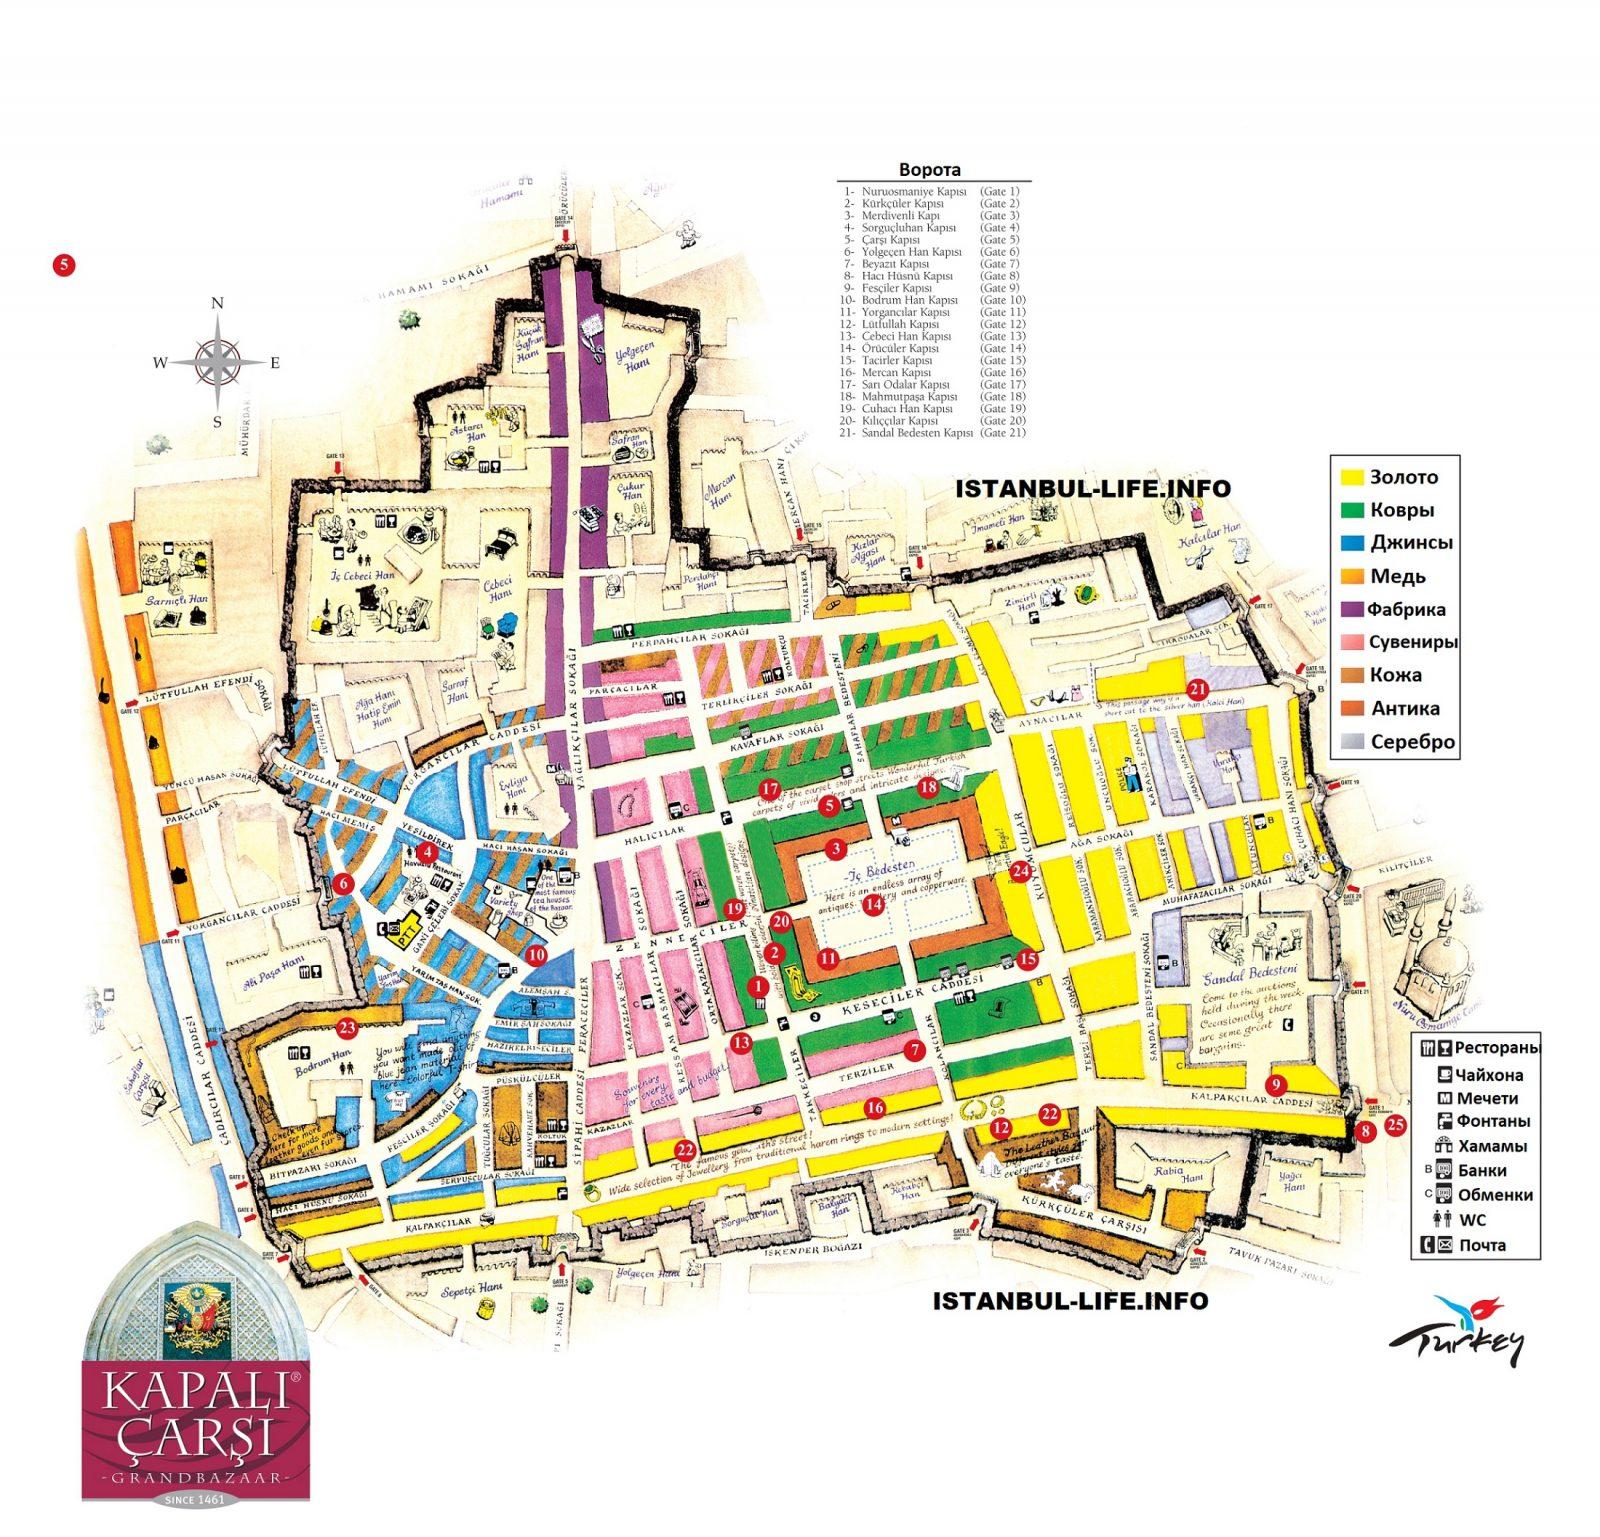 Карта Гранд-базара